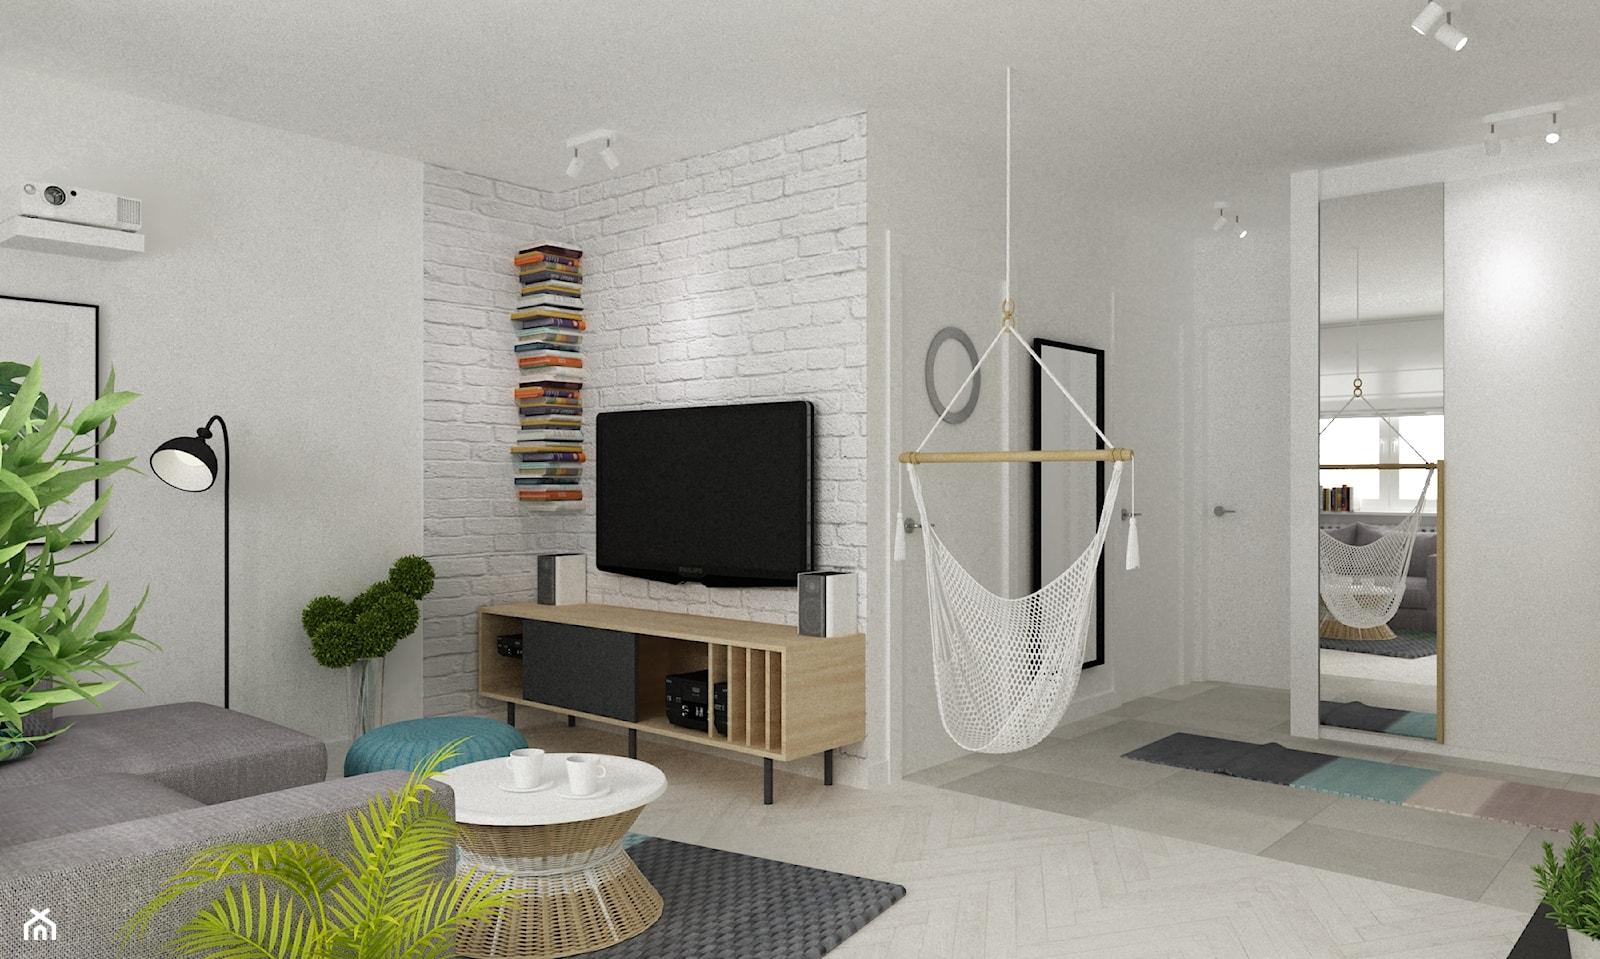 mieszkanie z akcentem turkusu metamorfoza - Średni biały salon, styl skandynawski - zdjęcie od Grafika i Projekt architektura wnętrz - Homebook